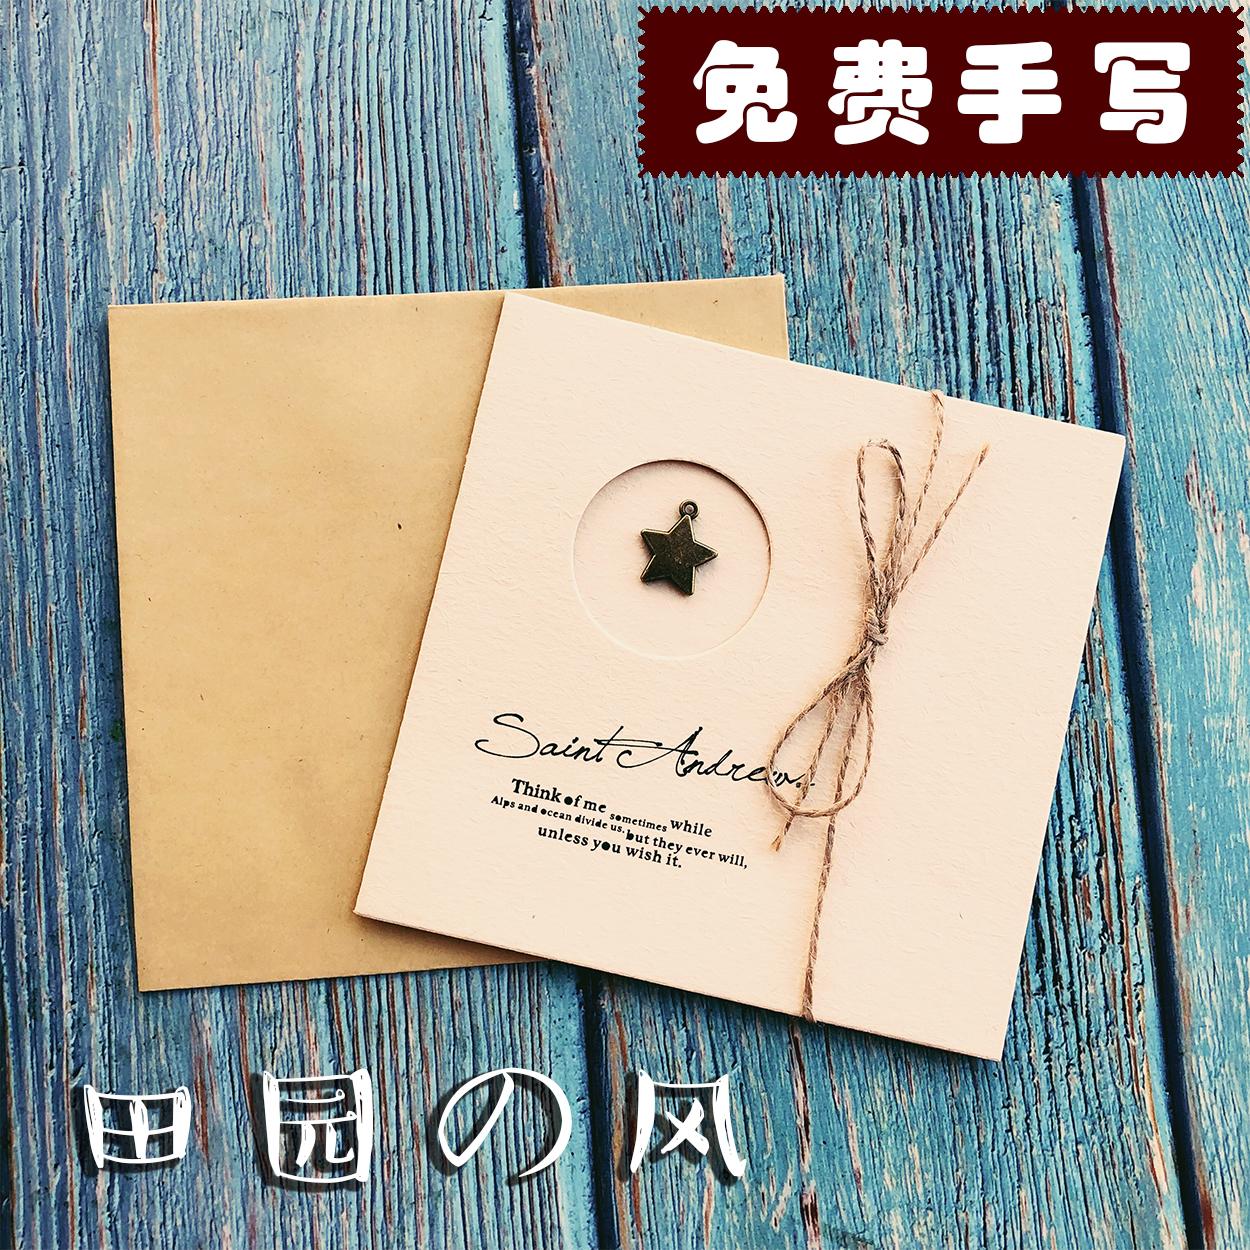 复古创意手工贺卡圣诞节情人节520礼物清新卡片牛皮纸表白贺卡